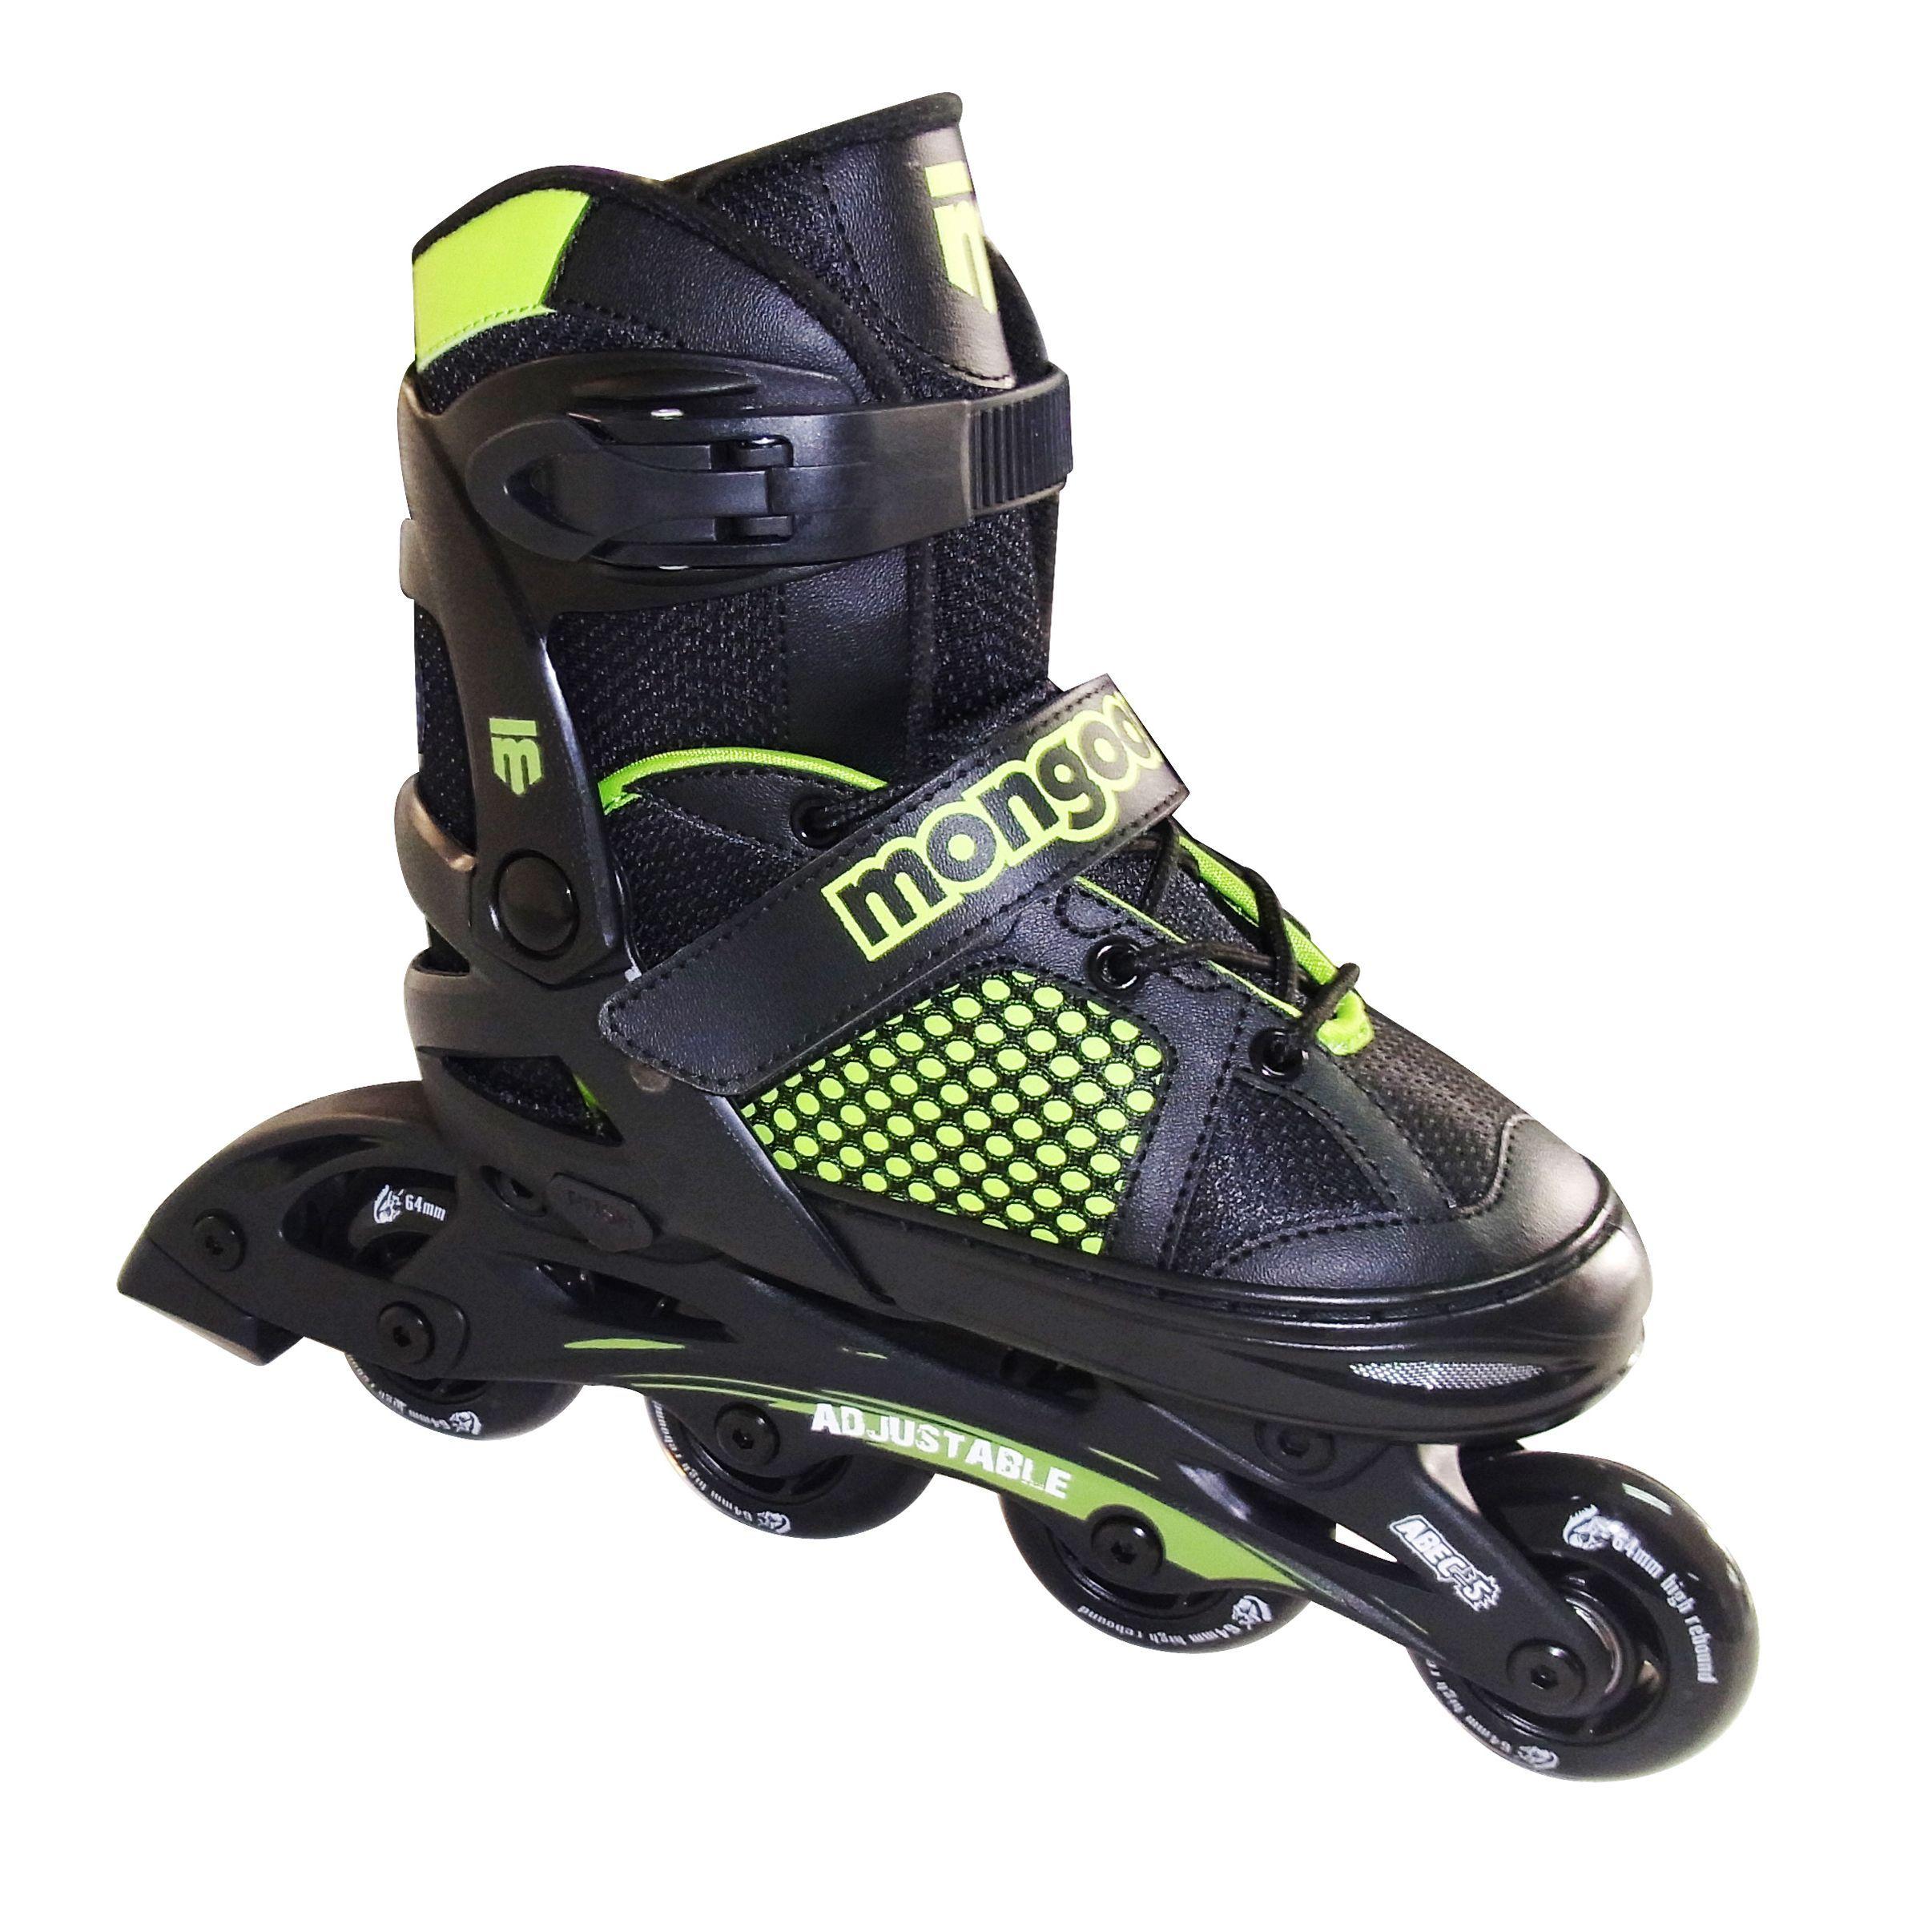 cc238a5c33f Mongoose Boys Skates